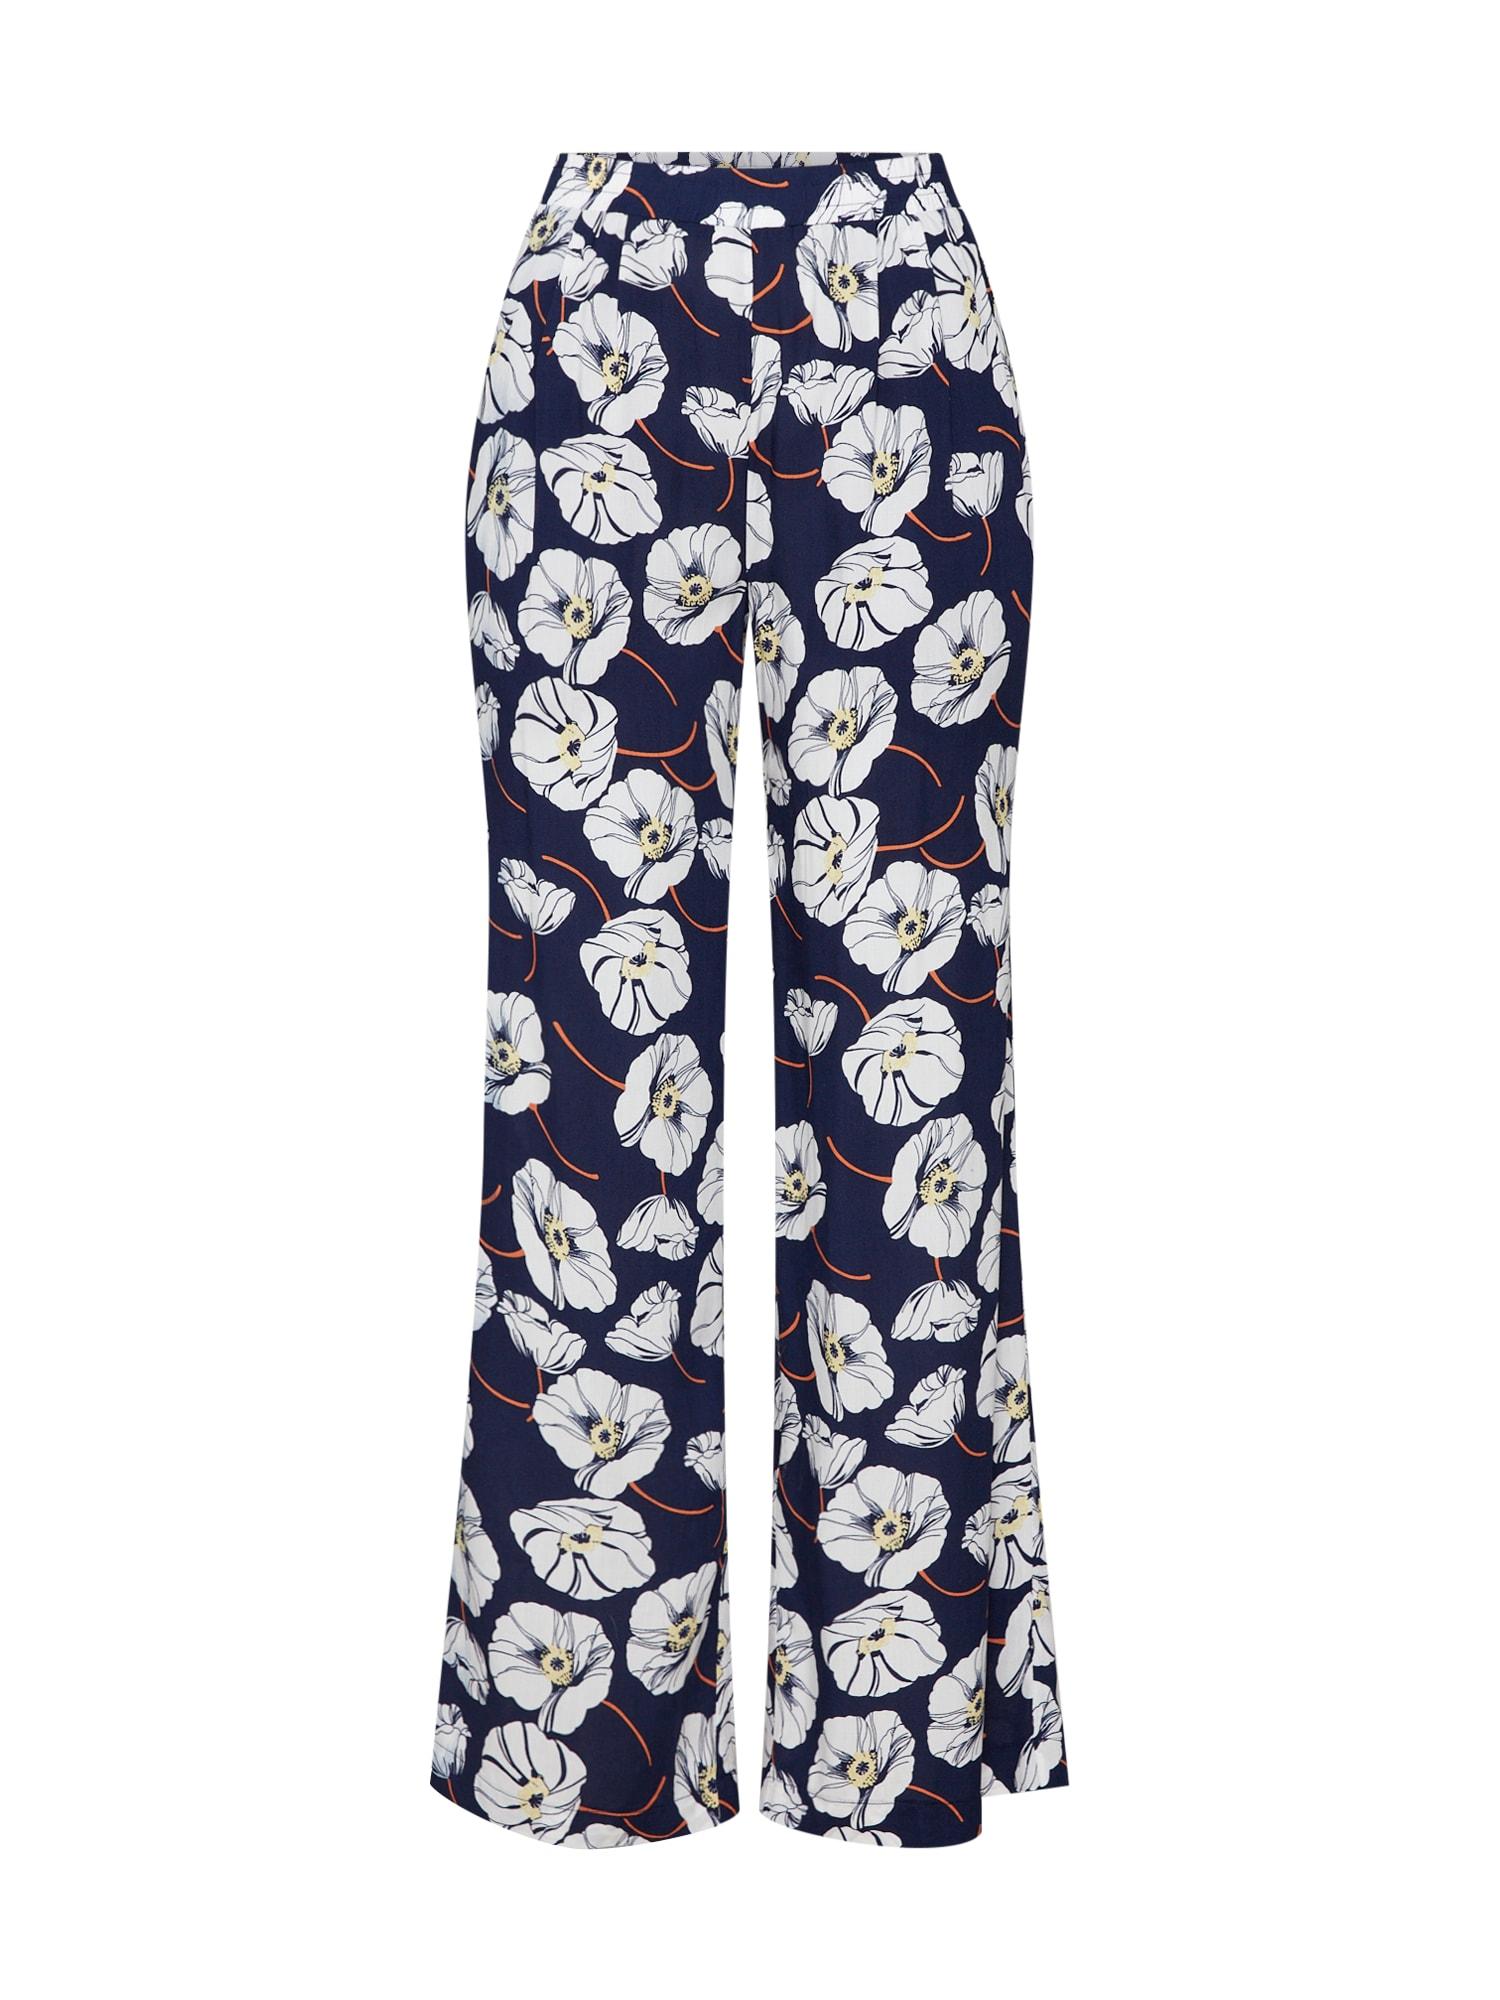 Kalhoty se sklady v pase TIDA námořnická modř oranžová bílá Sparkz